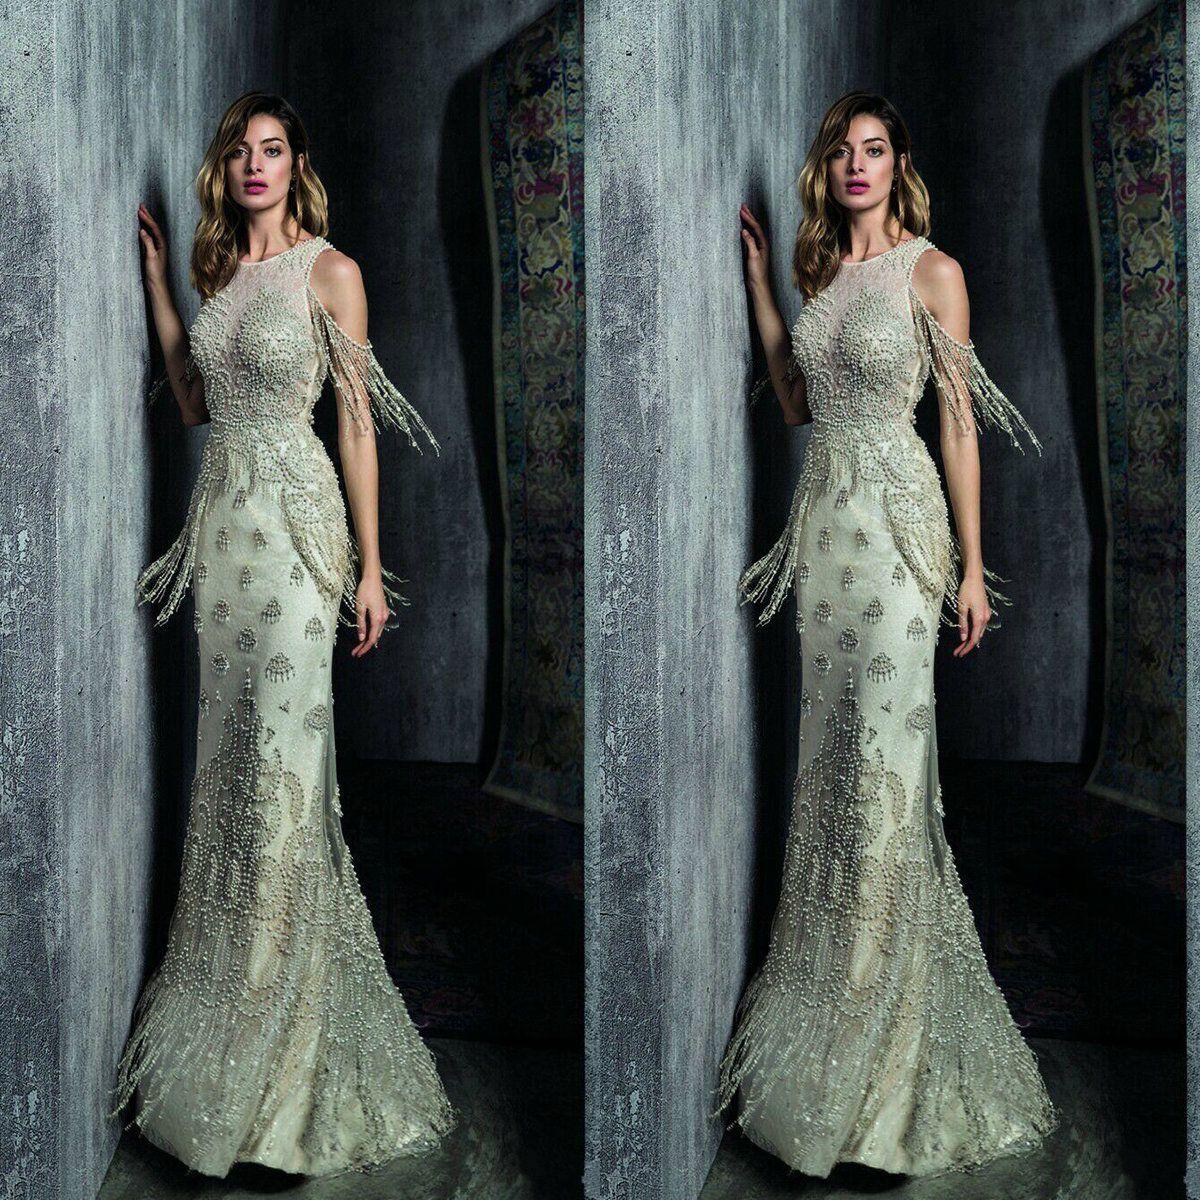 Ziad Nakad Meerjungfrau Abendkleider 2019 Yousef Aljasm Jewel Pearls Prom Kleider bodenlangen Spitzen Perlen für besondere Anlässe Kleid Quaste